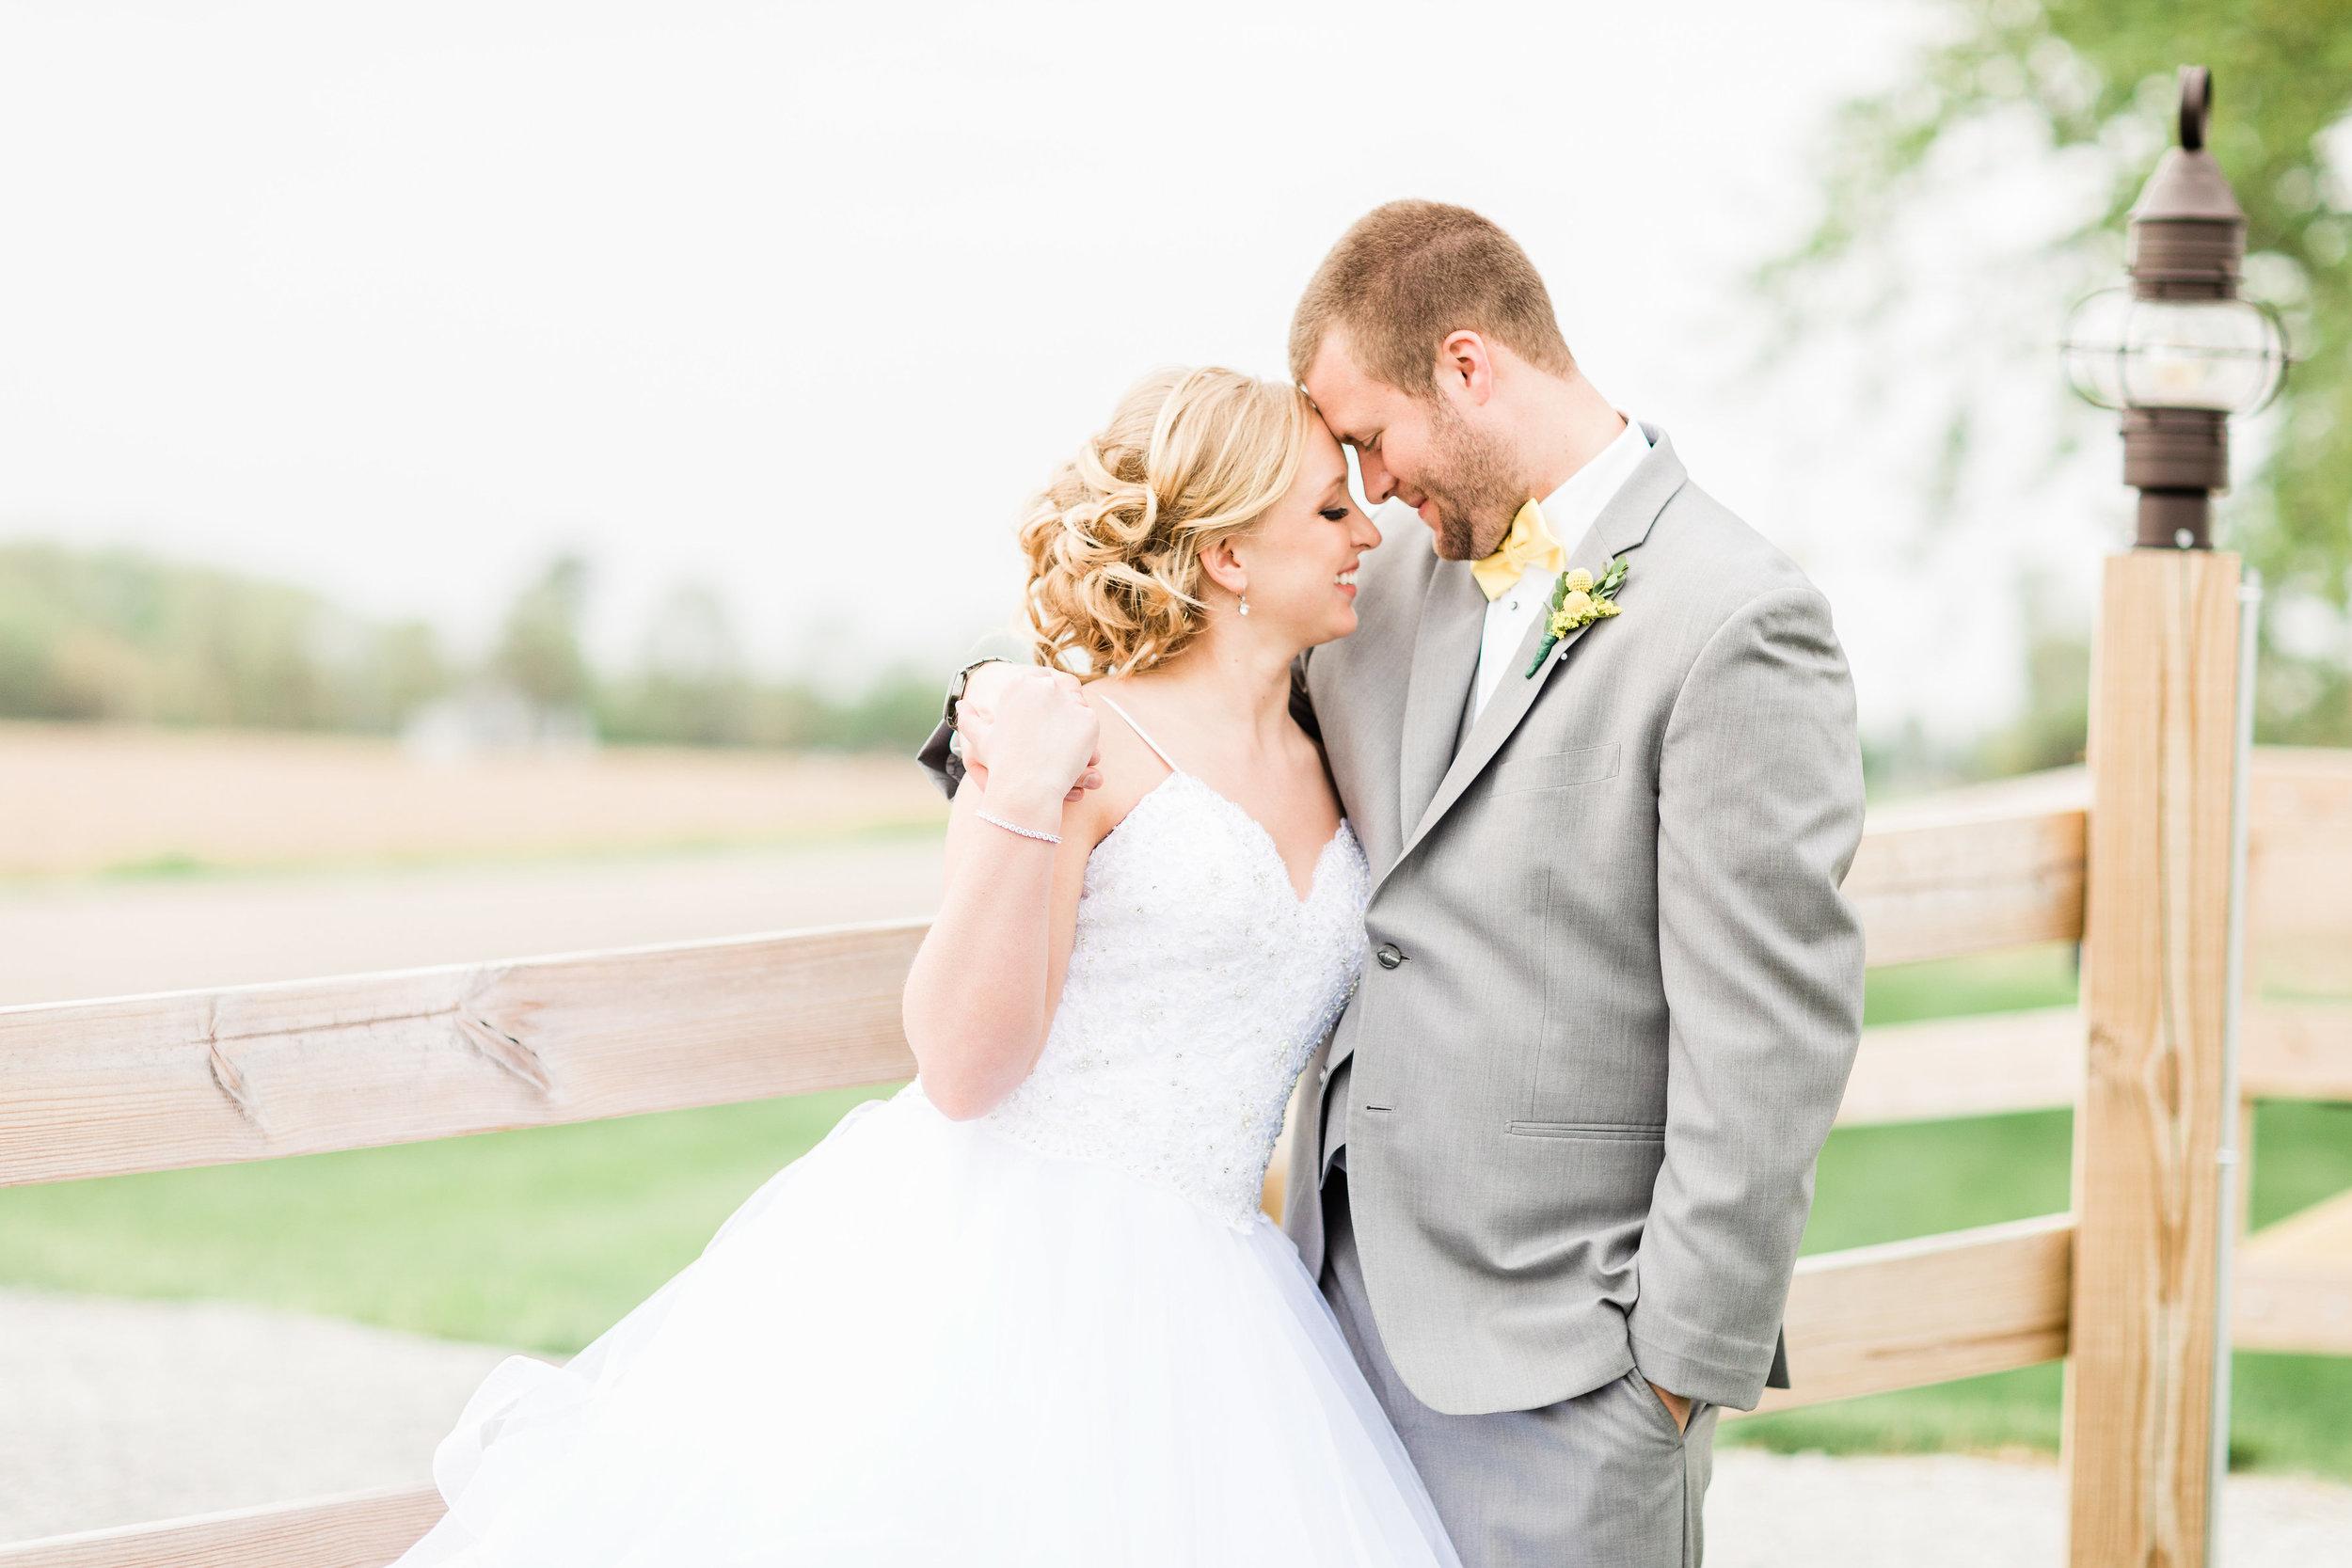 bg southwest ohio wedding photographer-3.jpg